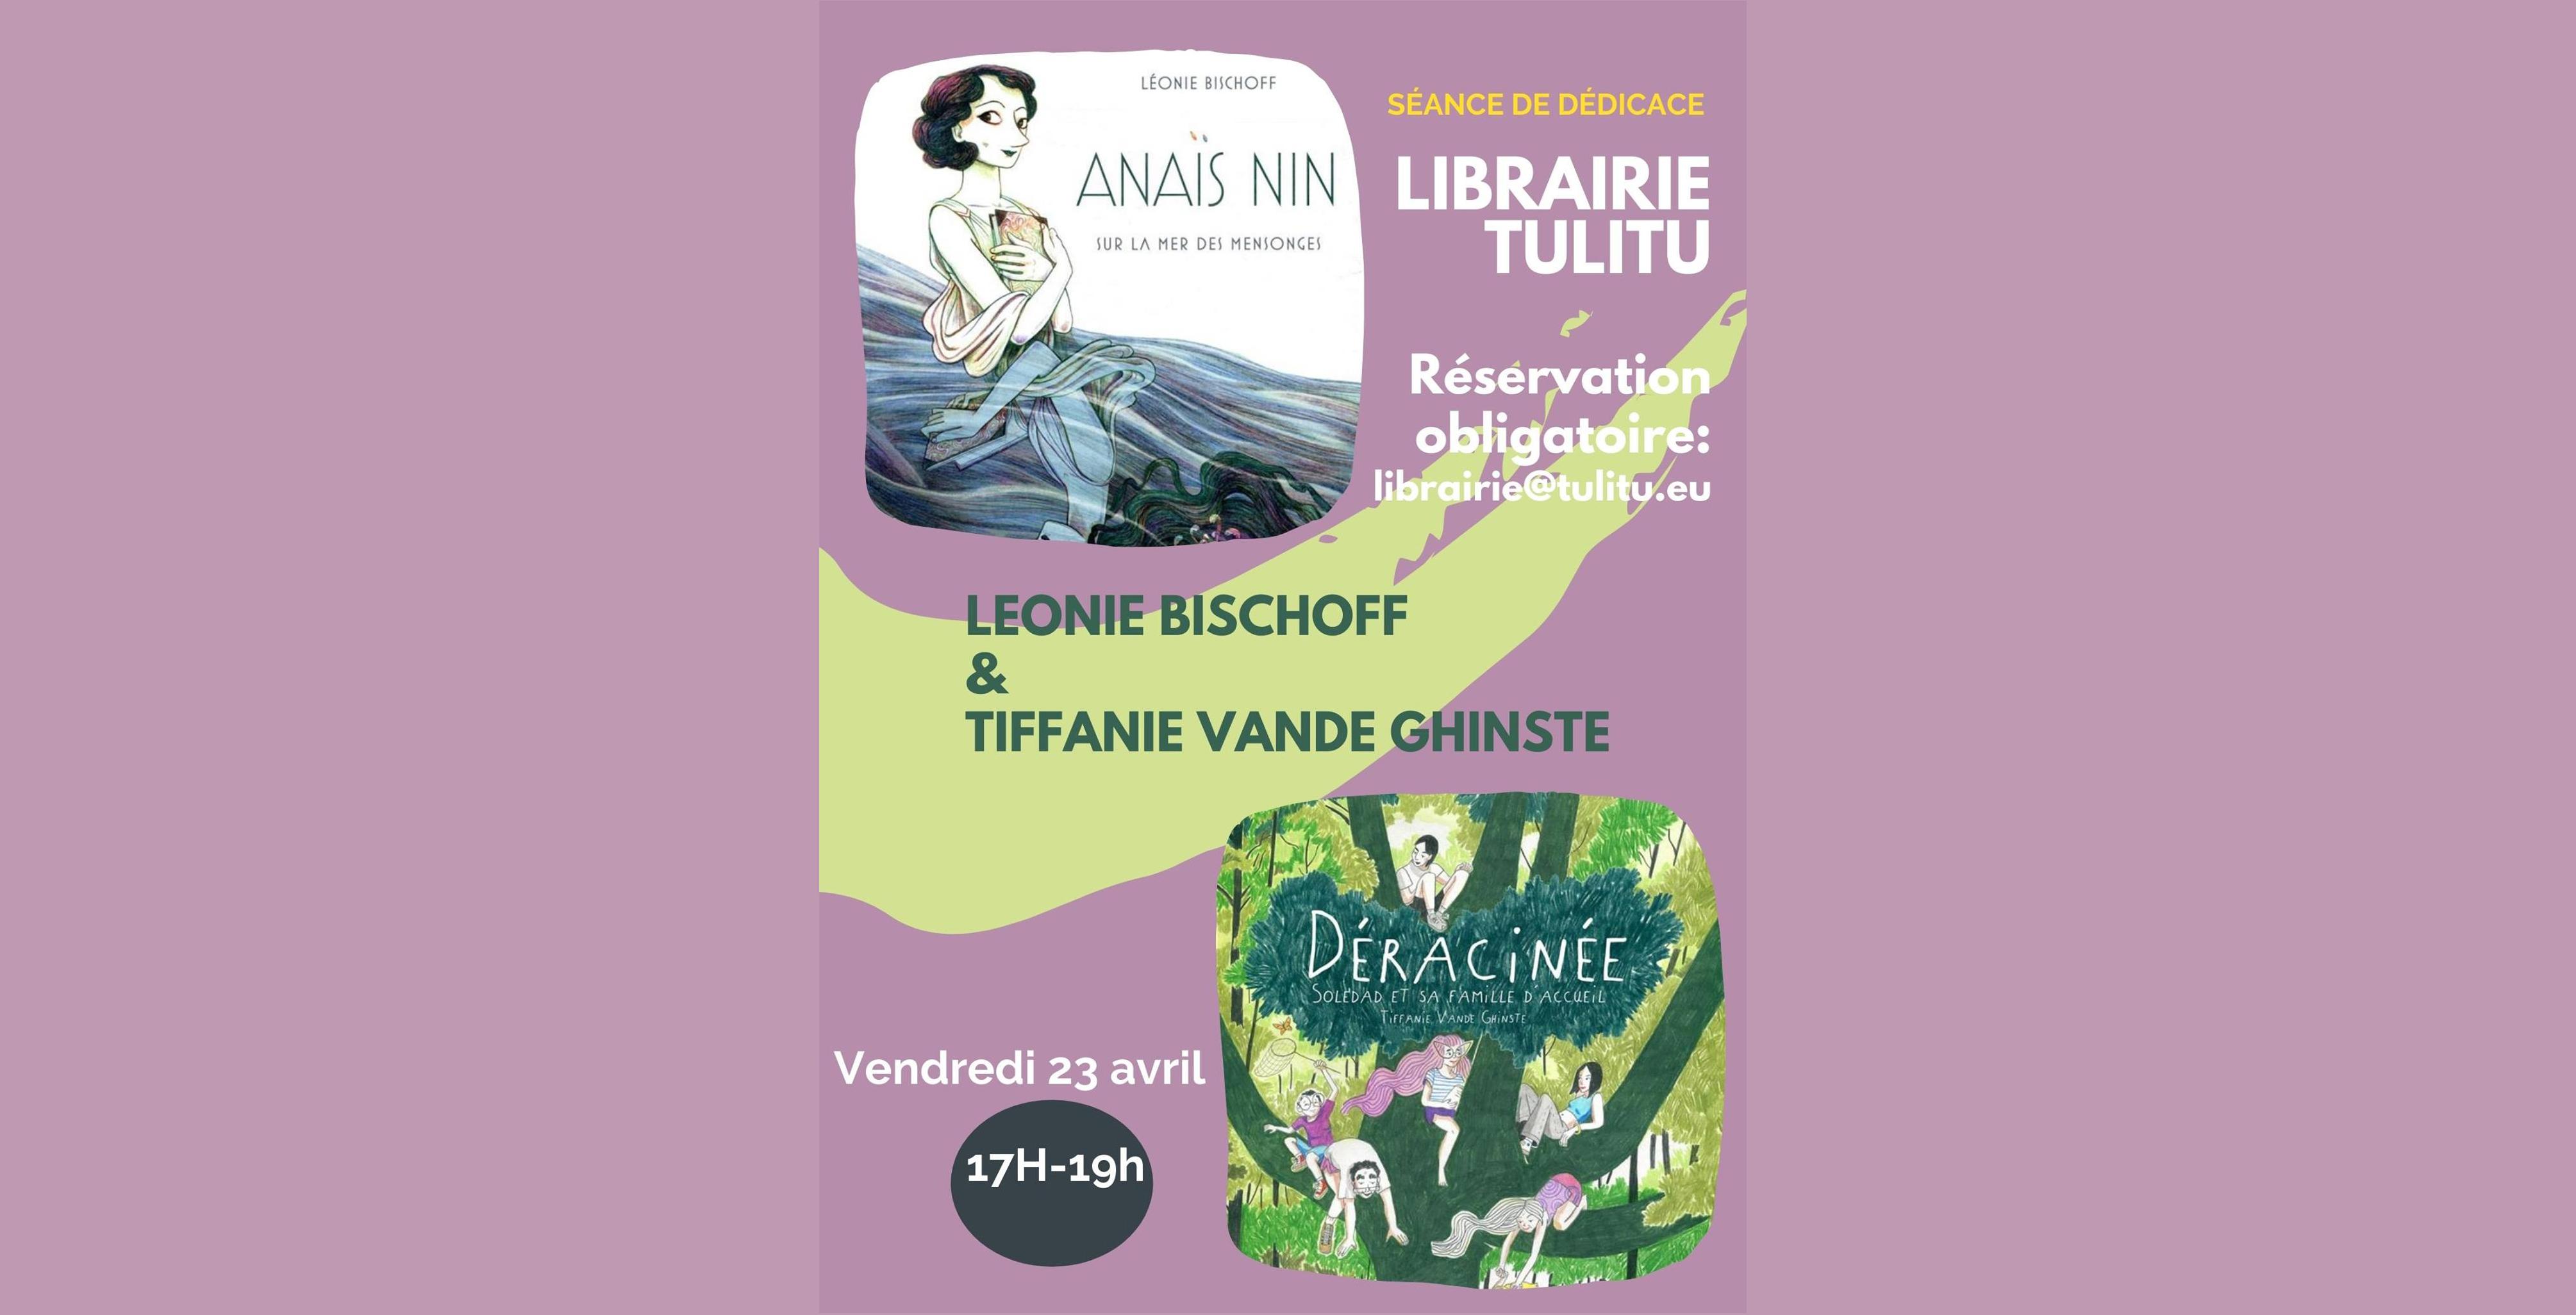 Séance de dédicace avec Léonie Bischof et Tiffanie Vande Ghinste chez Tulitu